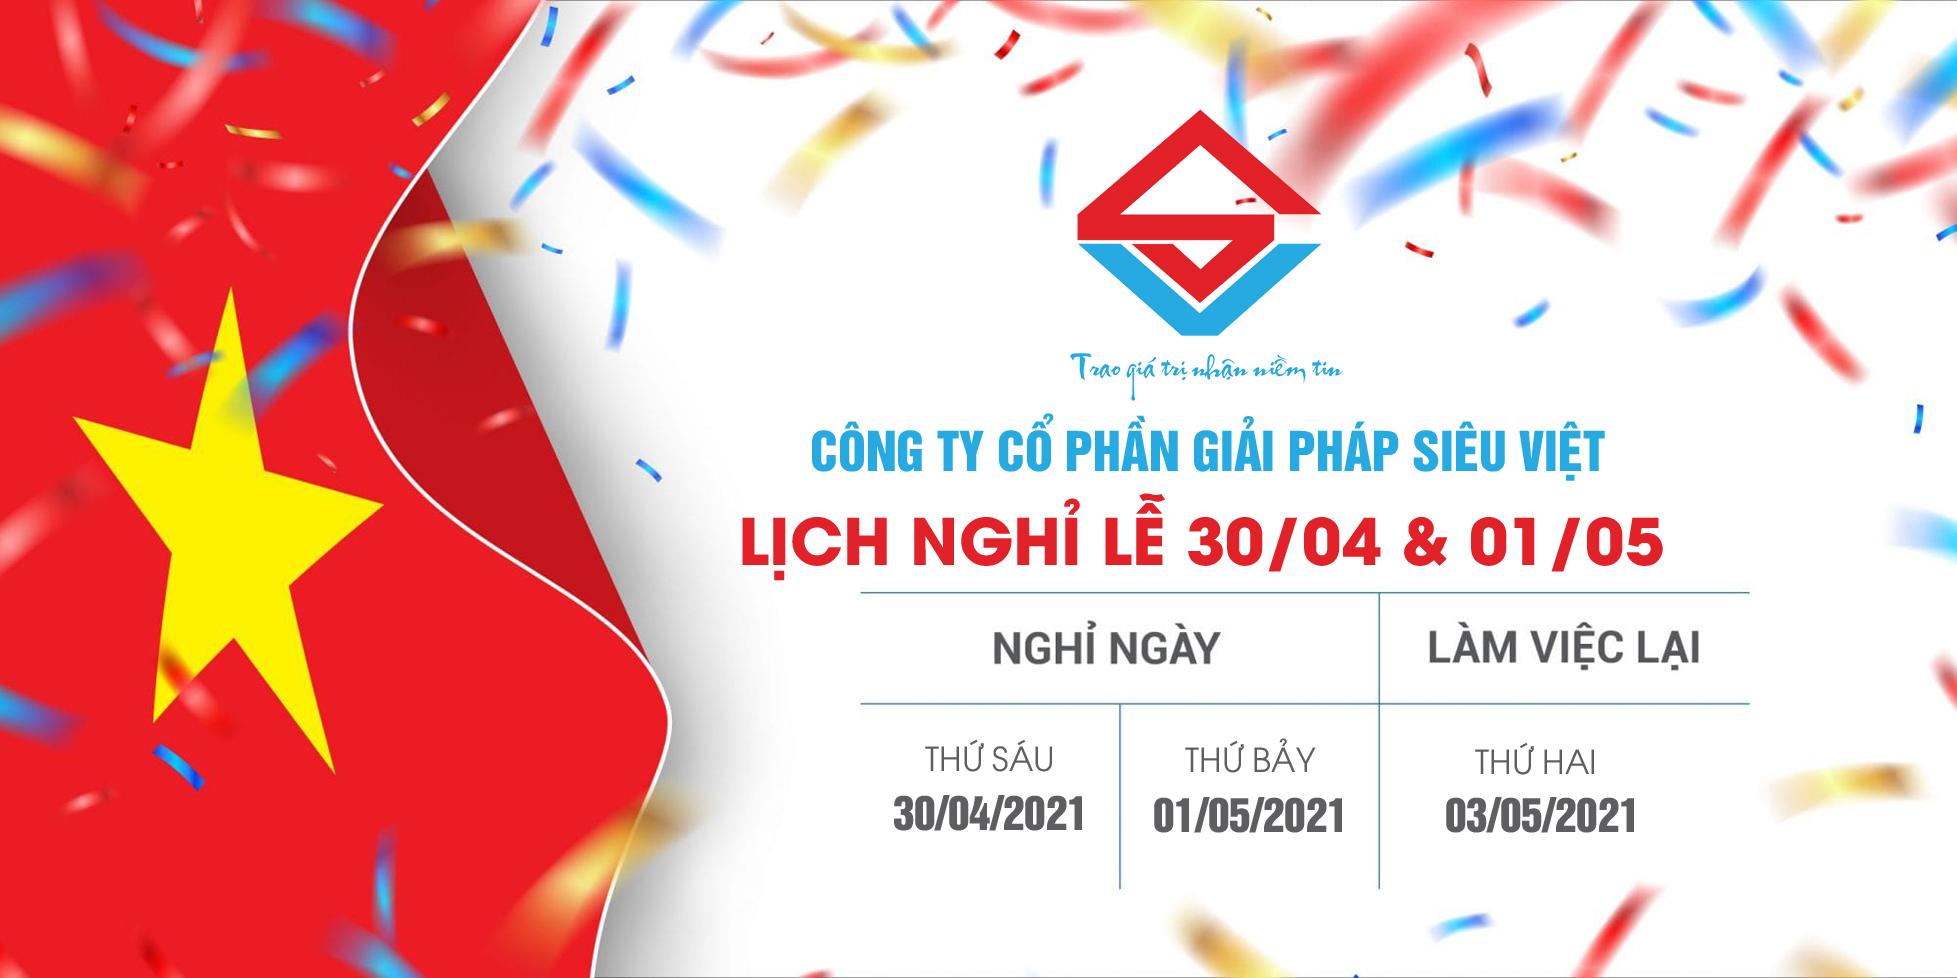 Thông báo lịch nghỉ lễ 30/04 & 01/05/2021 tại Siêu Việt